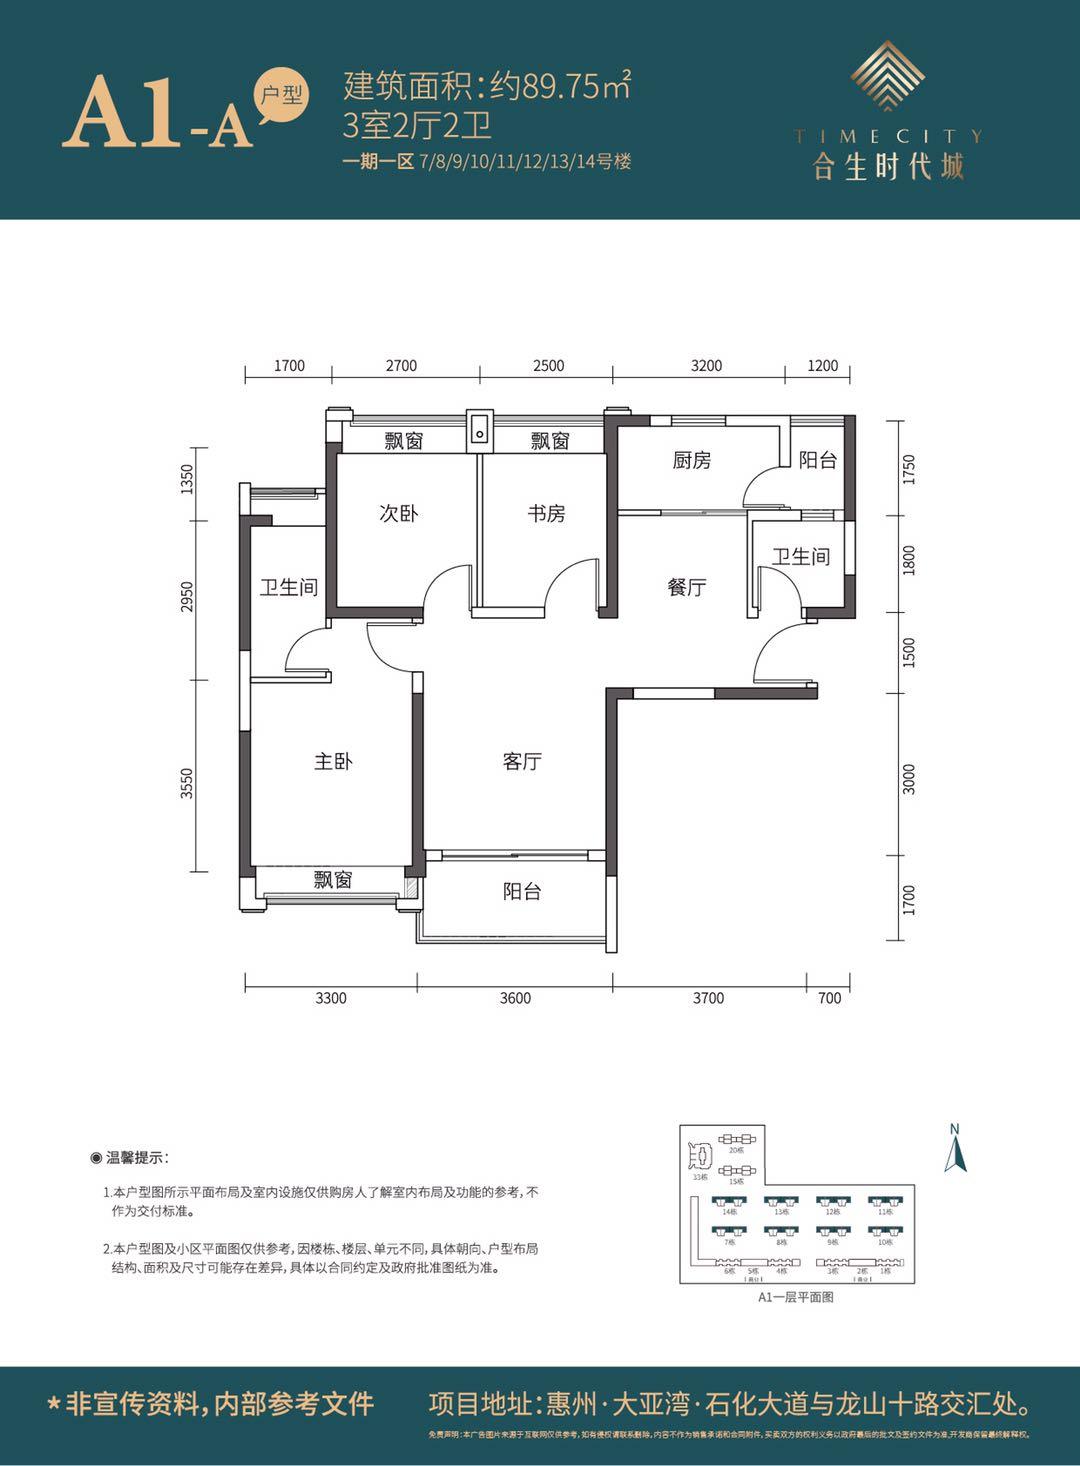 惠州大亚湾房价2020新楼盘价格:合生时代城项目数据曝光